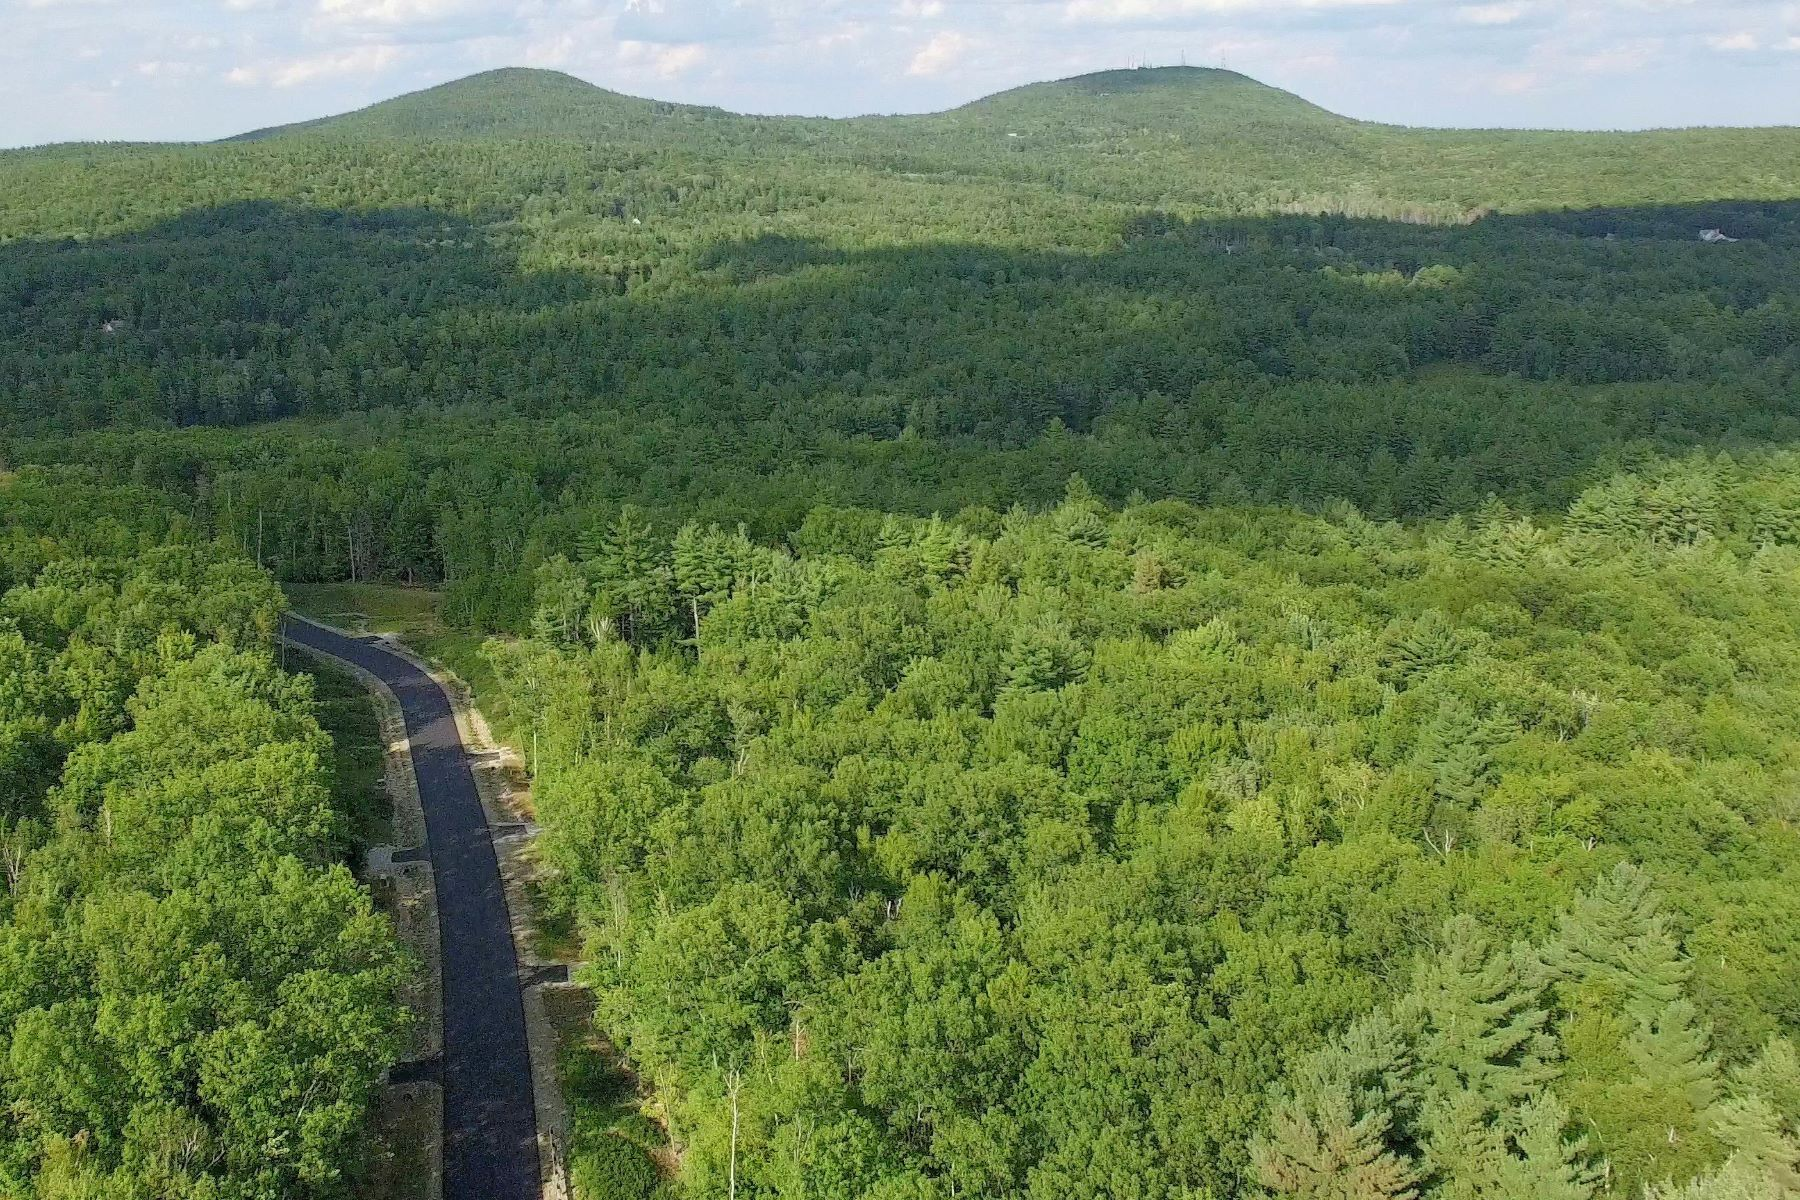 土地,用地 为 销售 在 89-20L Indian Falls Road New Boston, 新罕布什尔州 03070 美国